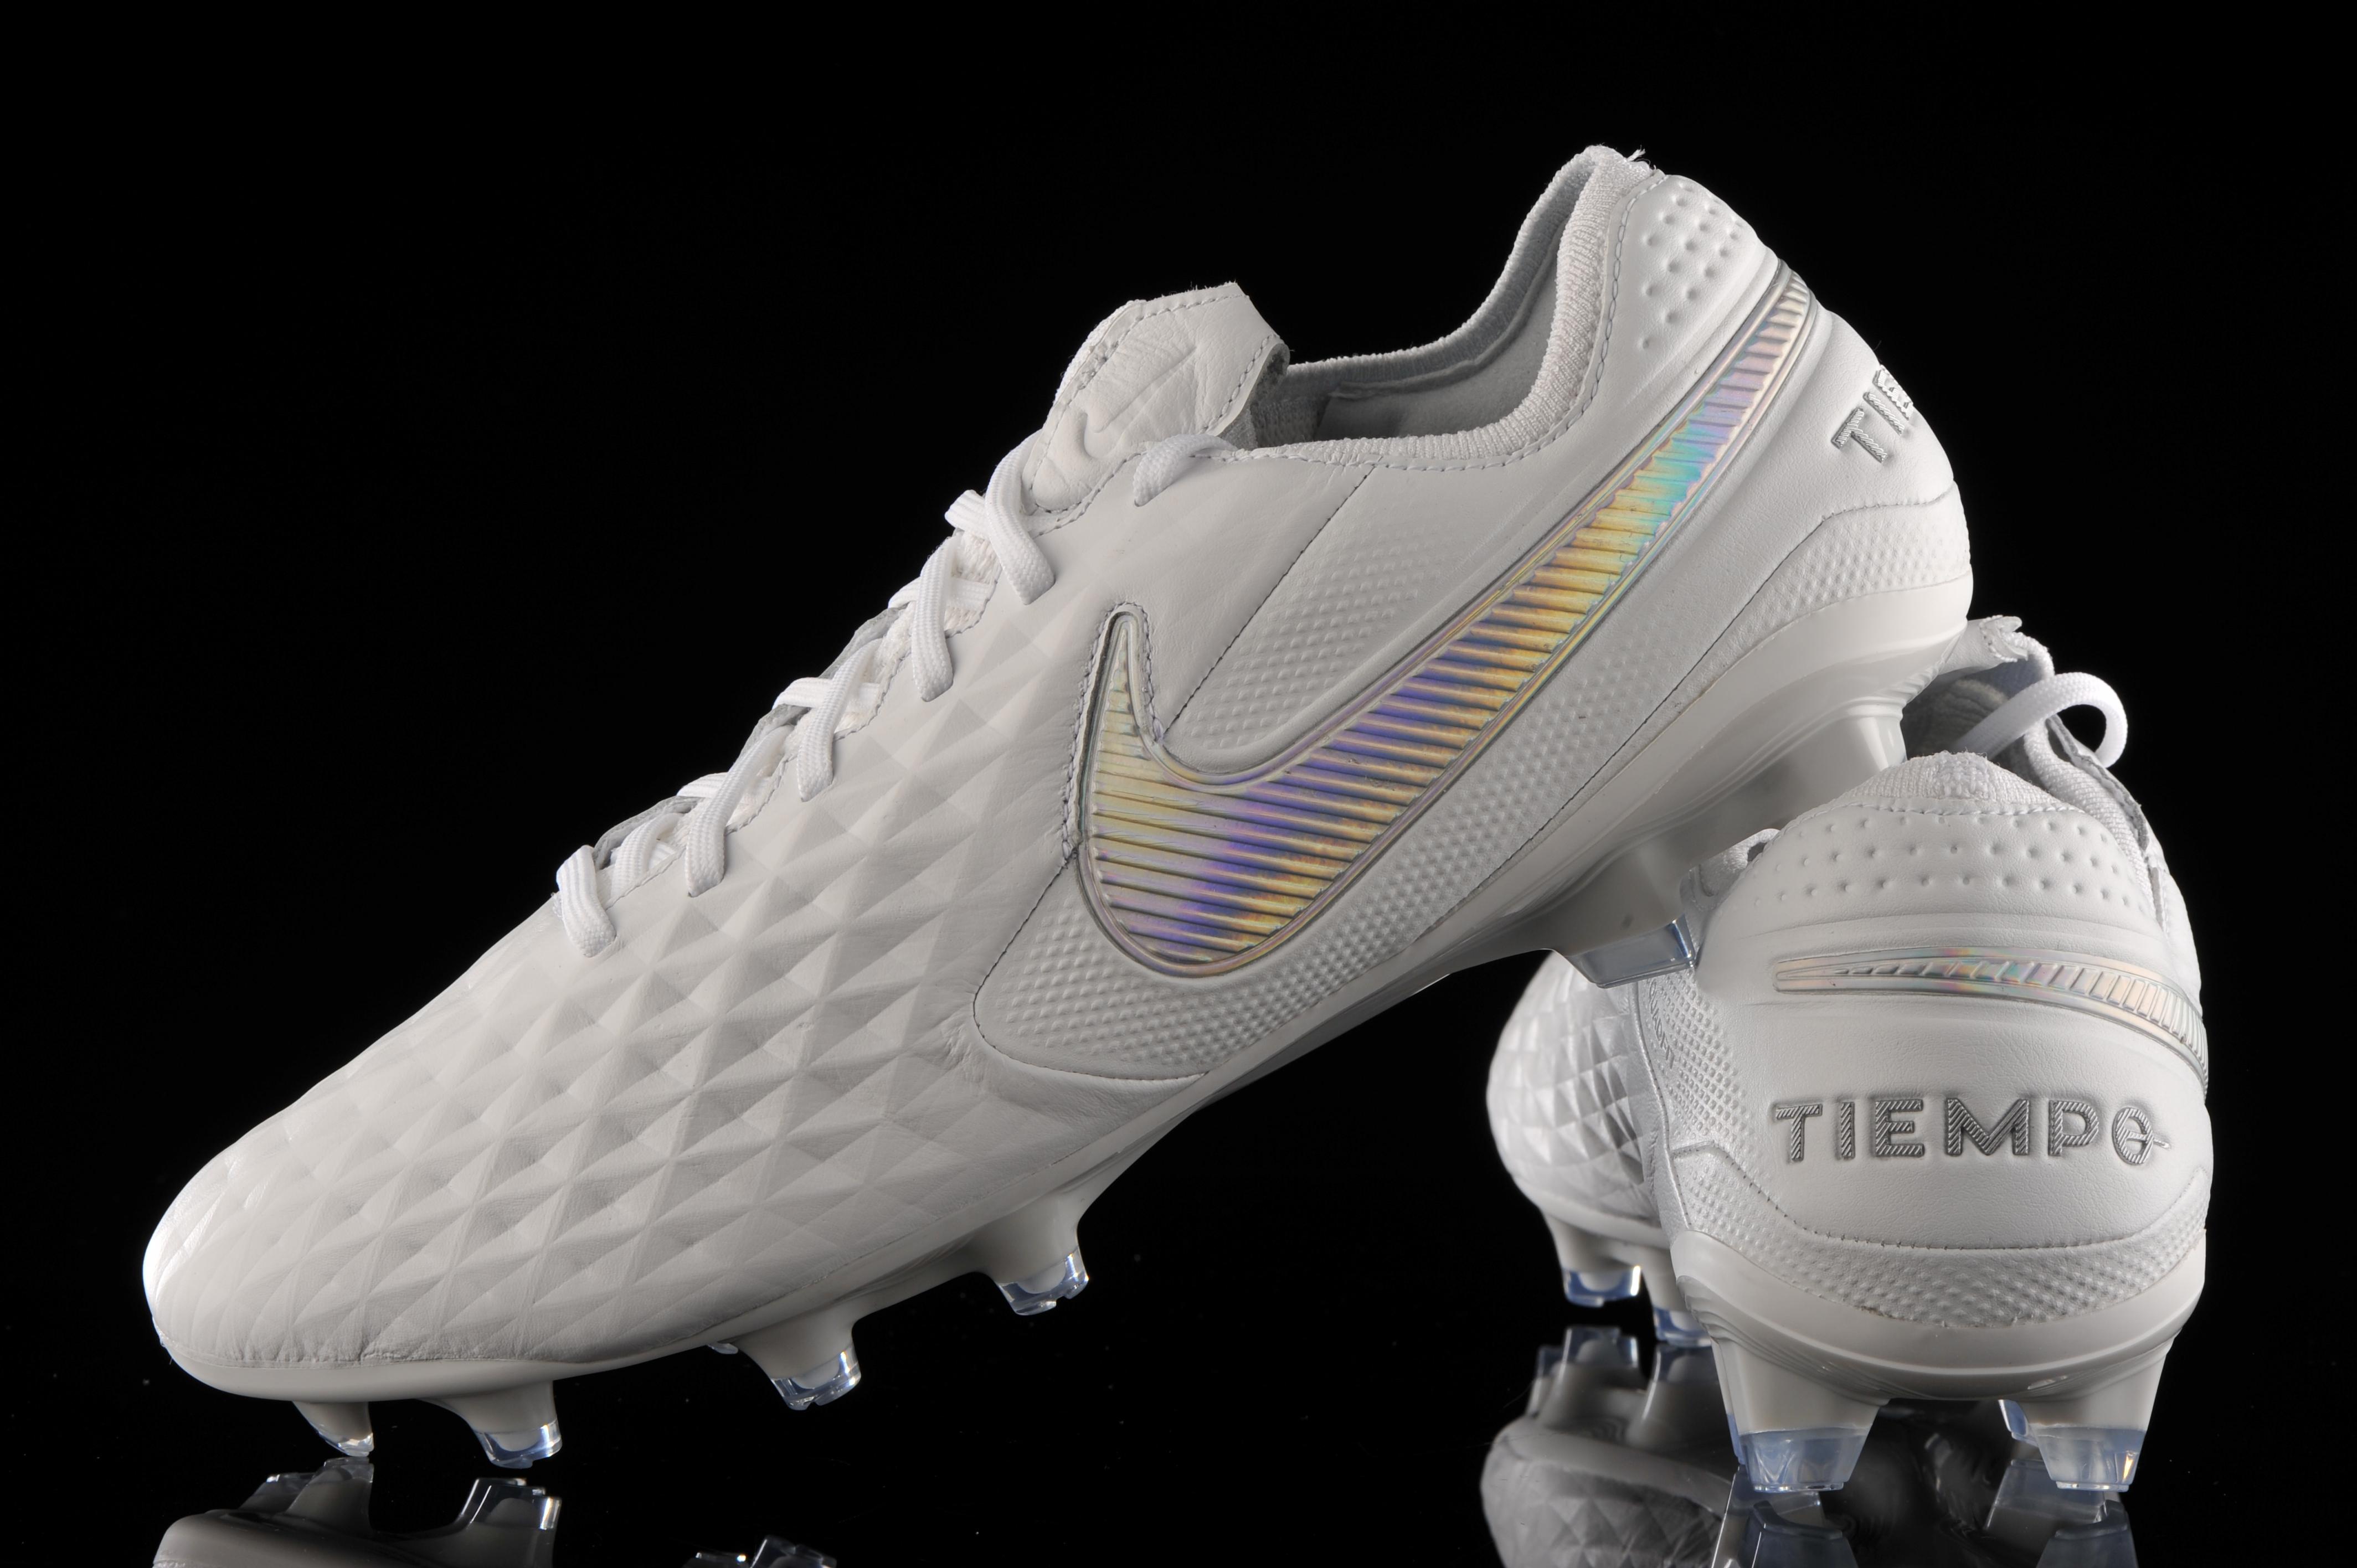 casete Atticus Elocuente  Nike Tiempo Legend 8 Elite FG | R-GOL.com - Football boots & equipment